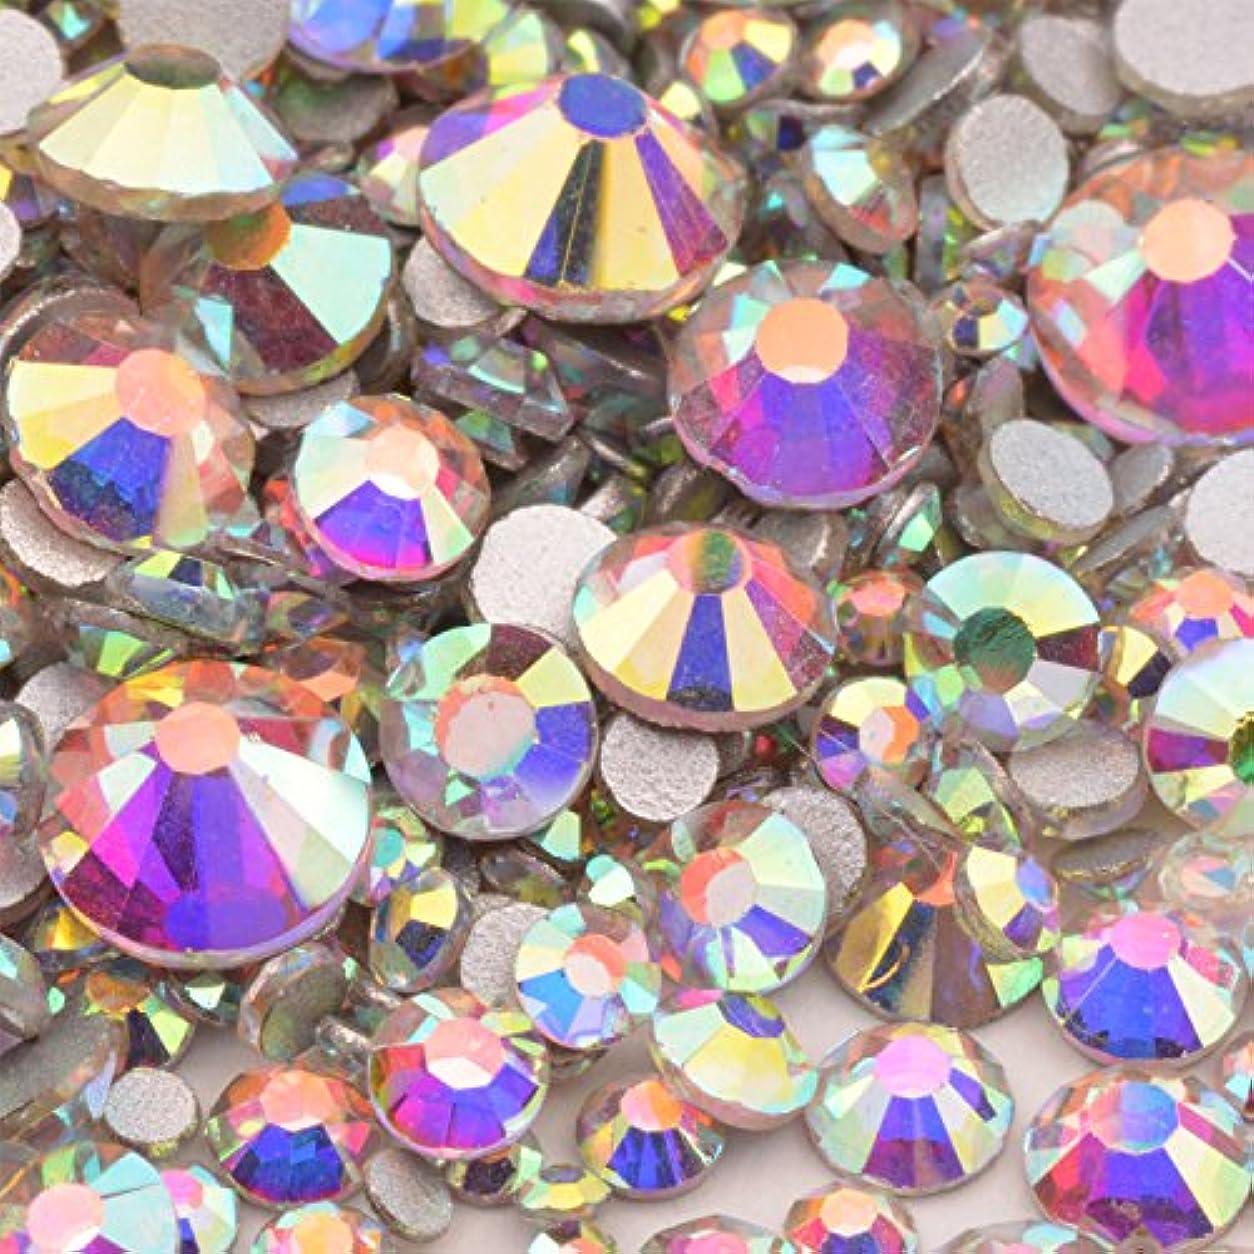 滞在公然とその他高品質ガラスストーン mixサイズ SS20 SS16 SS12 SS10 SS8 SS6 SS4 SS3 (入数1000粒以上) (オーロラmix)